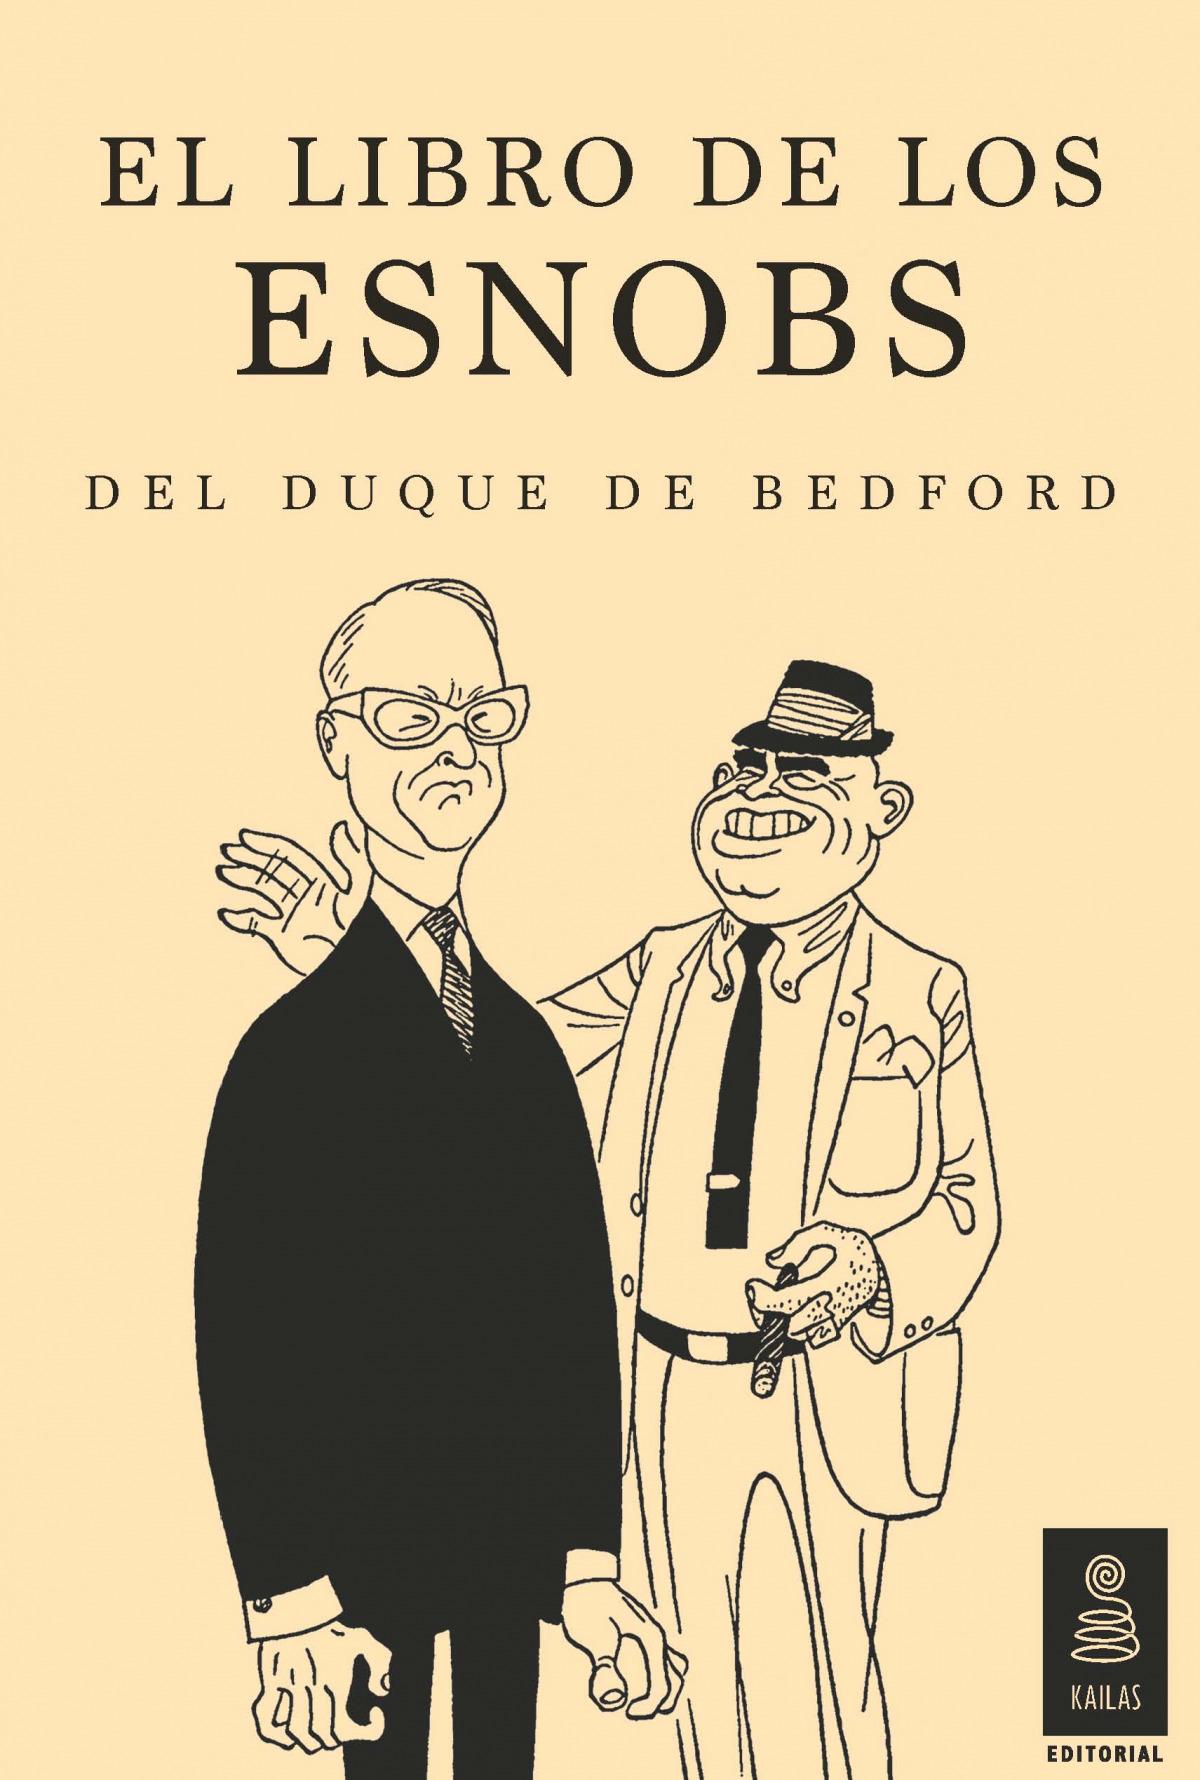 El libro de los esnobs 9788416023844